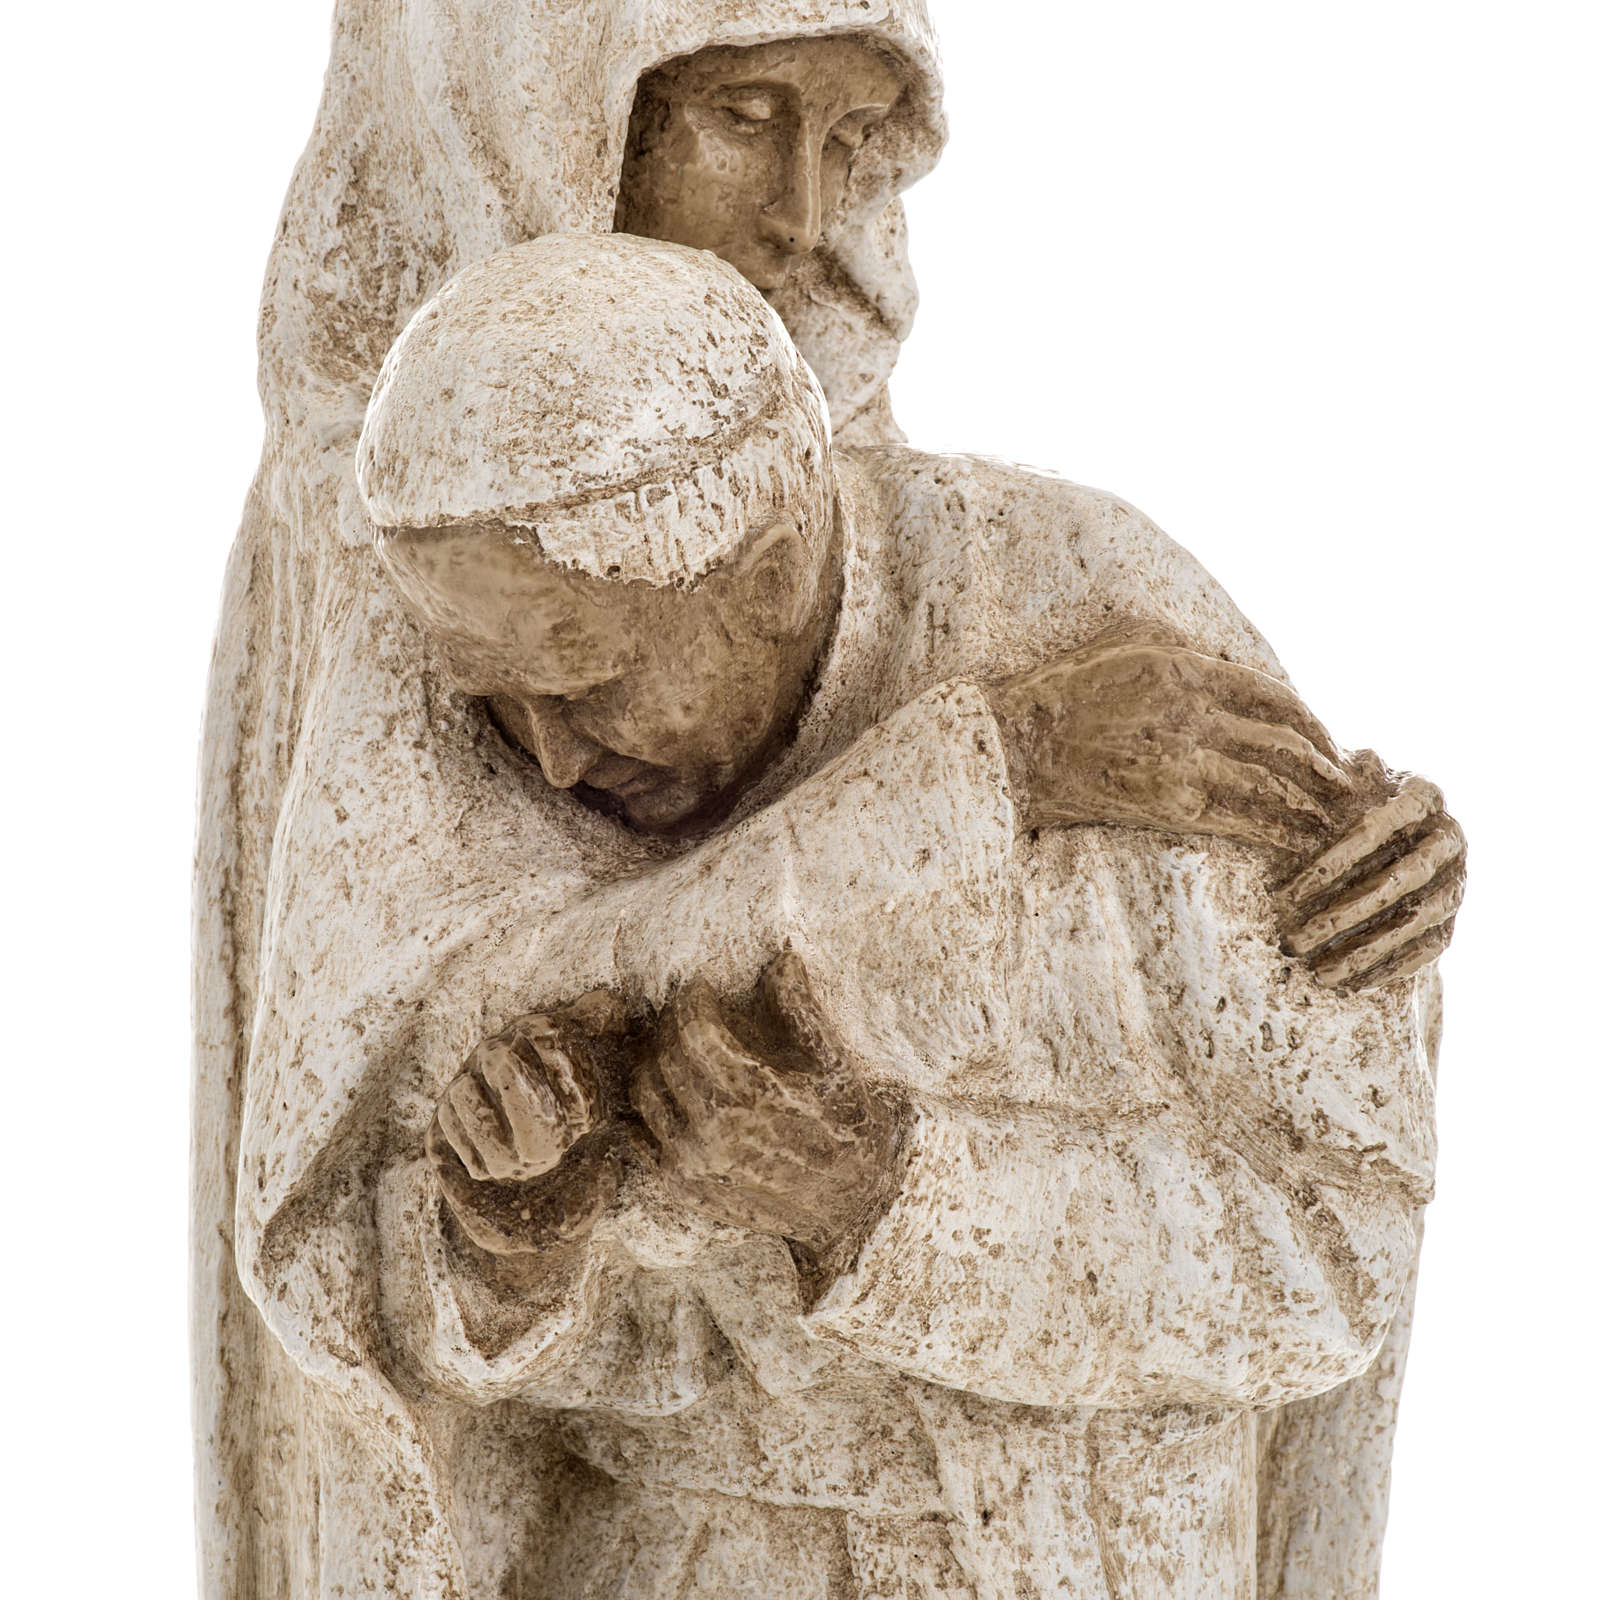 La Intervención de la Virgen María en la Caída del Comunismo en Rusia